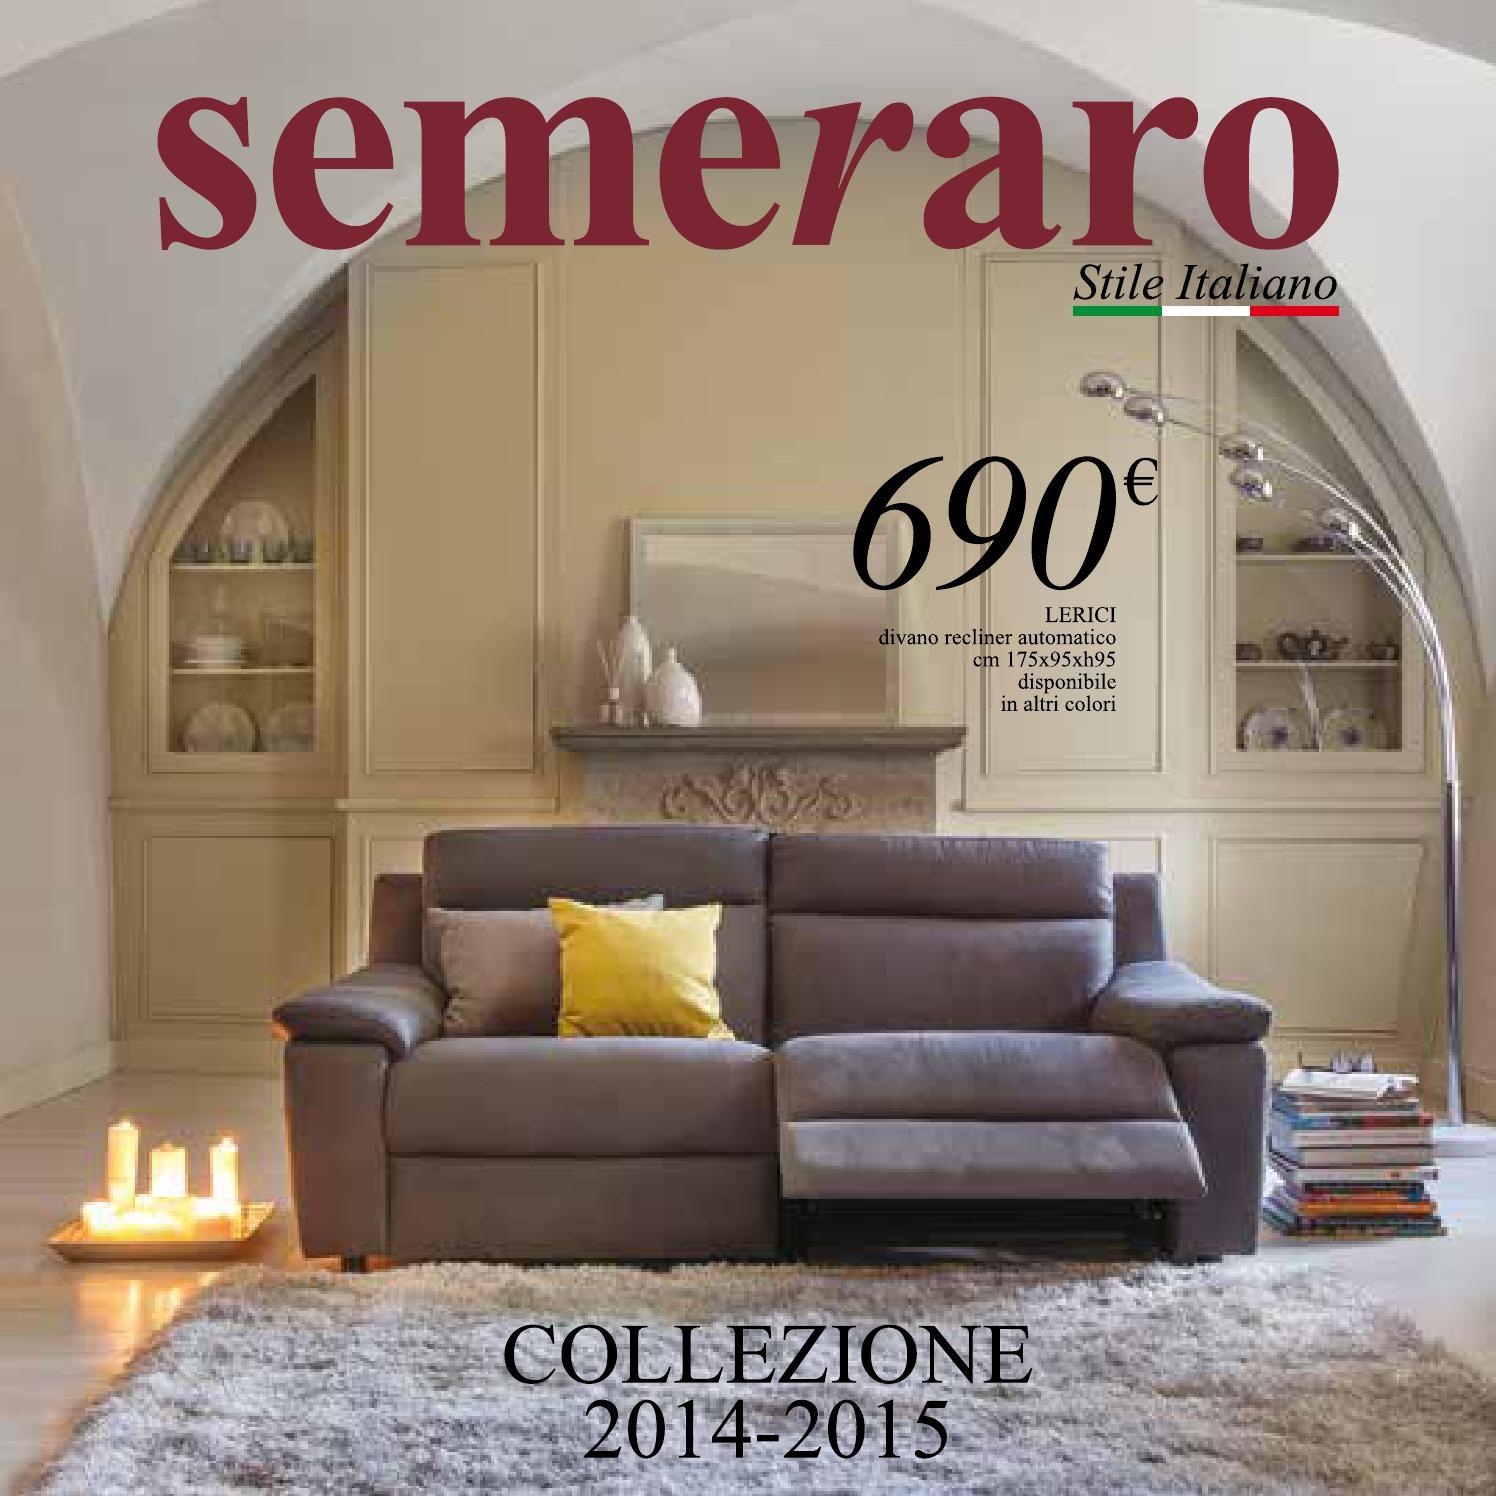 Catalogo semeraro 2014 2015 by ovvio issuu - Semeraro cucine catalogo ...